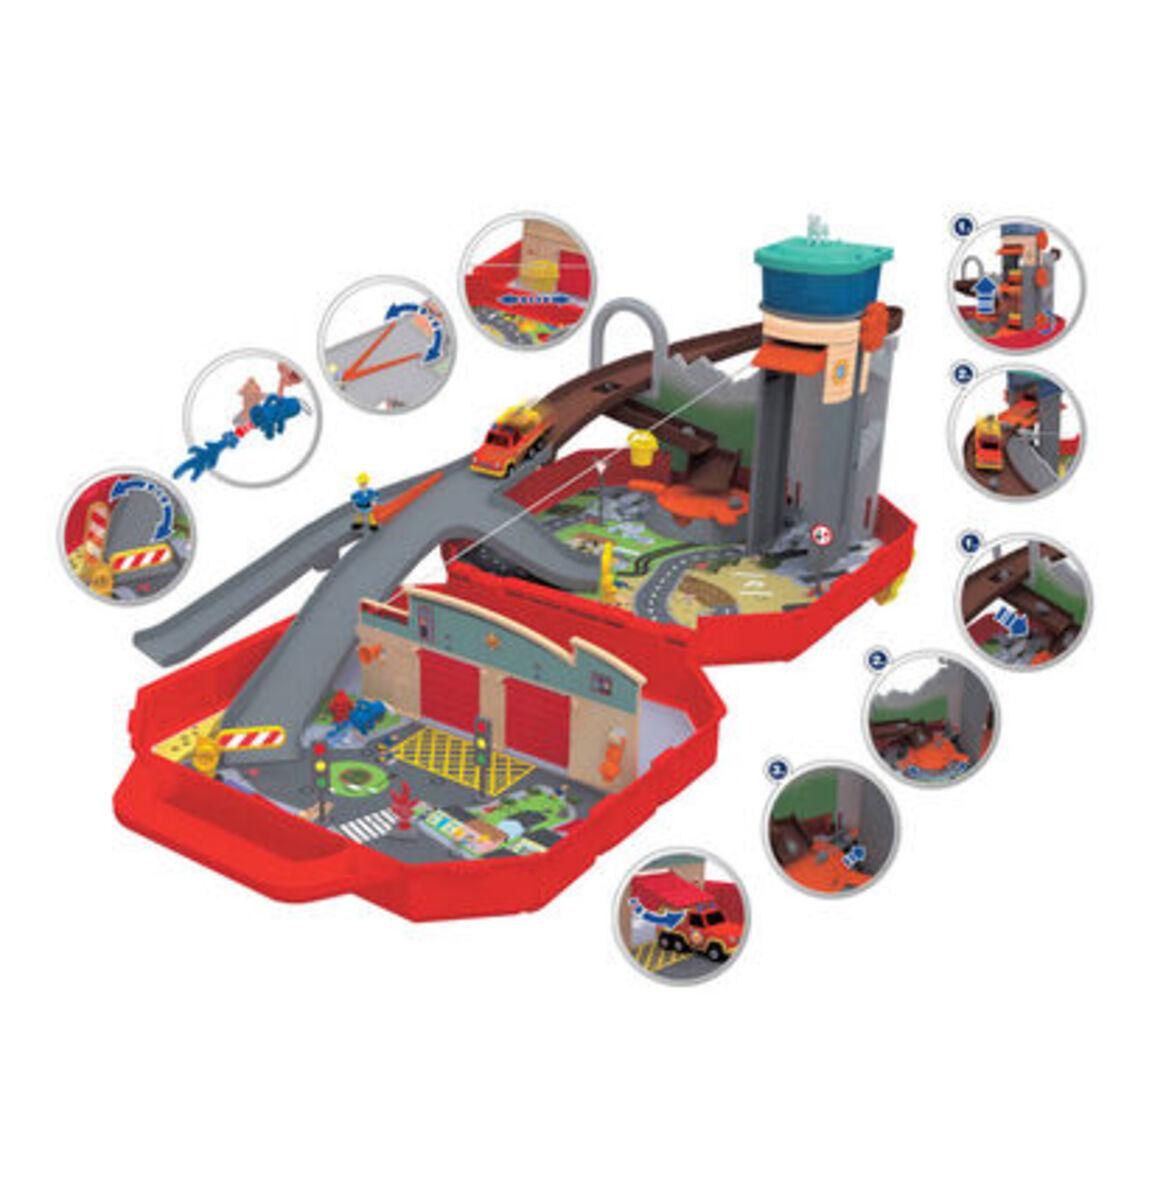 Bild 2 von Dickie Toys Feuerwehrmann Sam Ponty Pandy Spielset